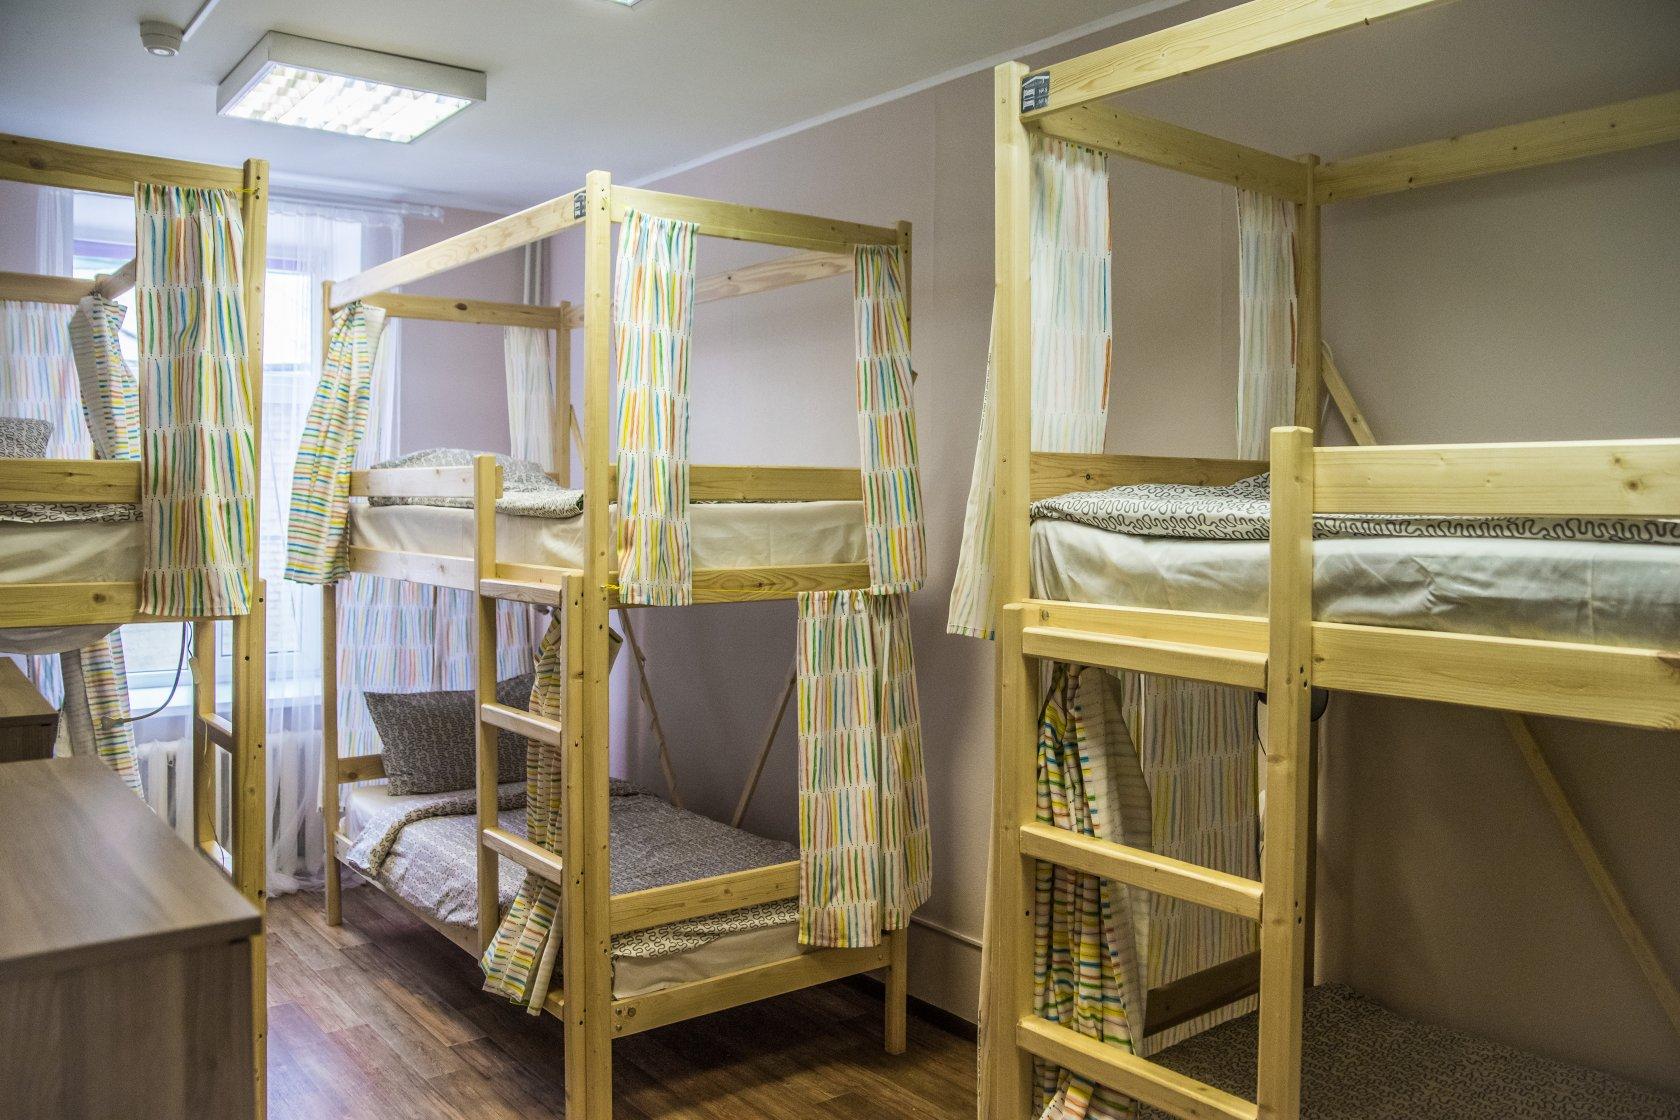 фото всех хостелов для рабочих в москве проработанная мелочей, качественно